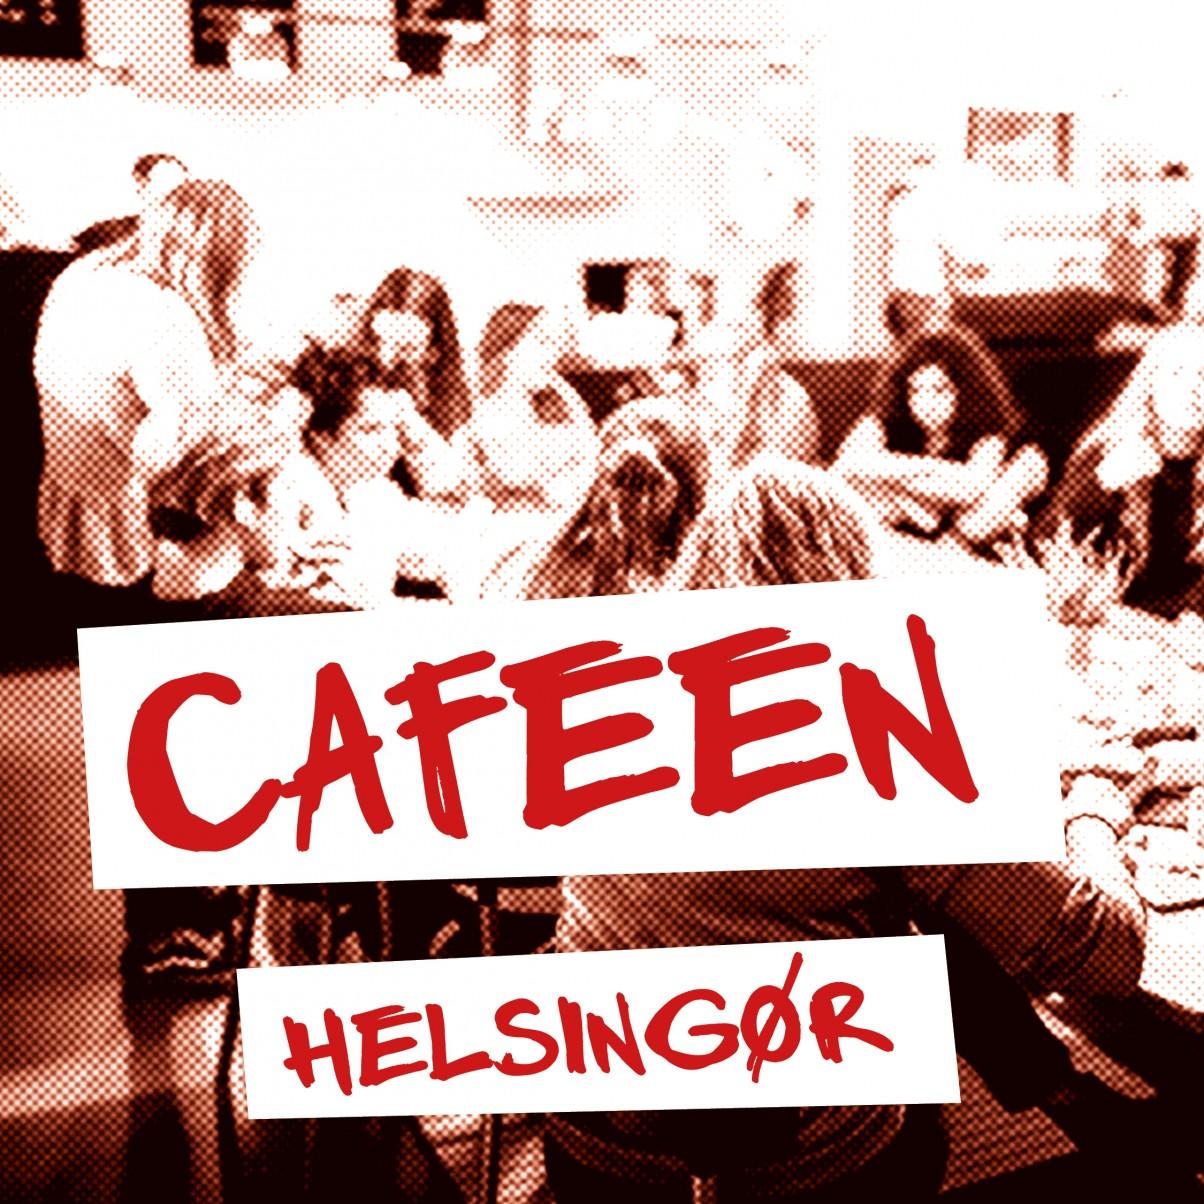 cafeen_helsingor_square